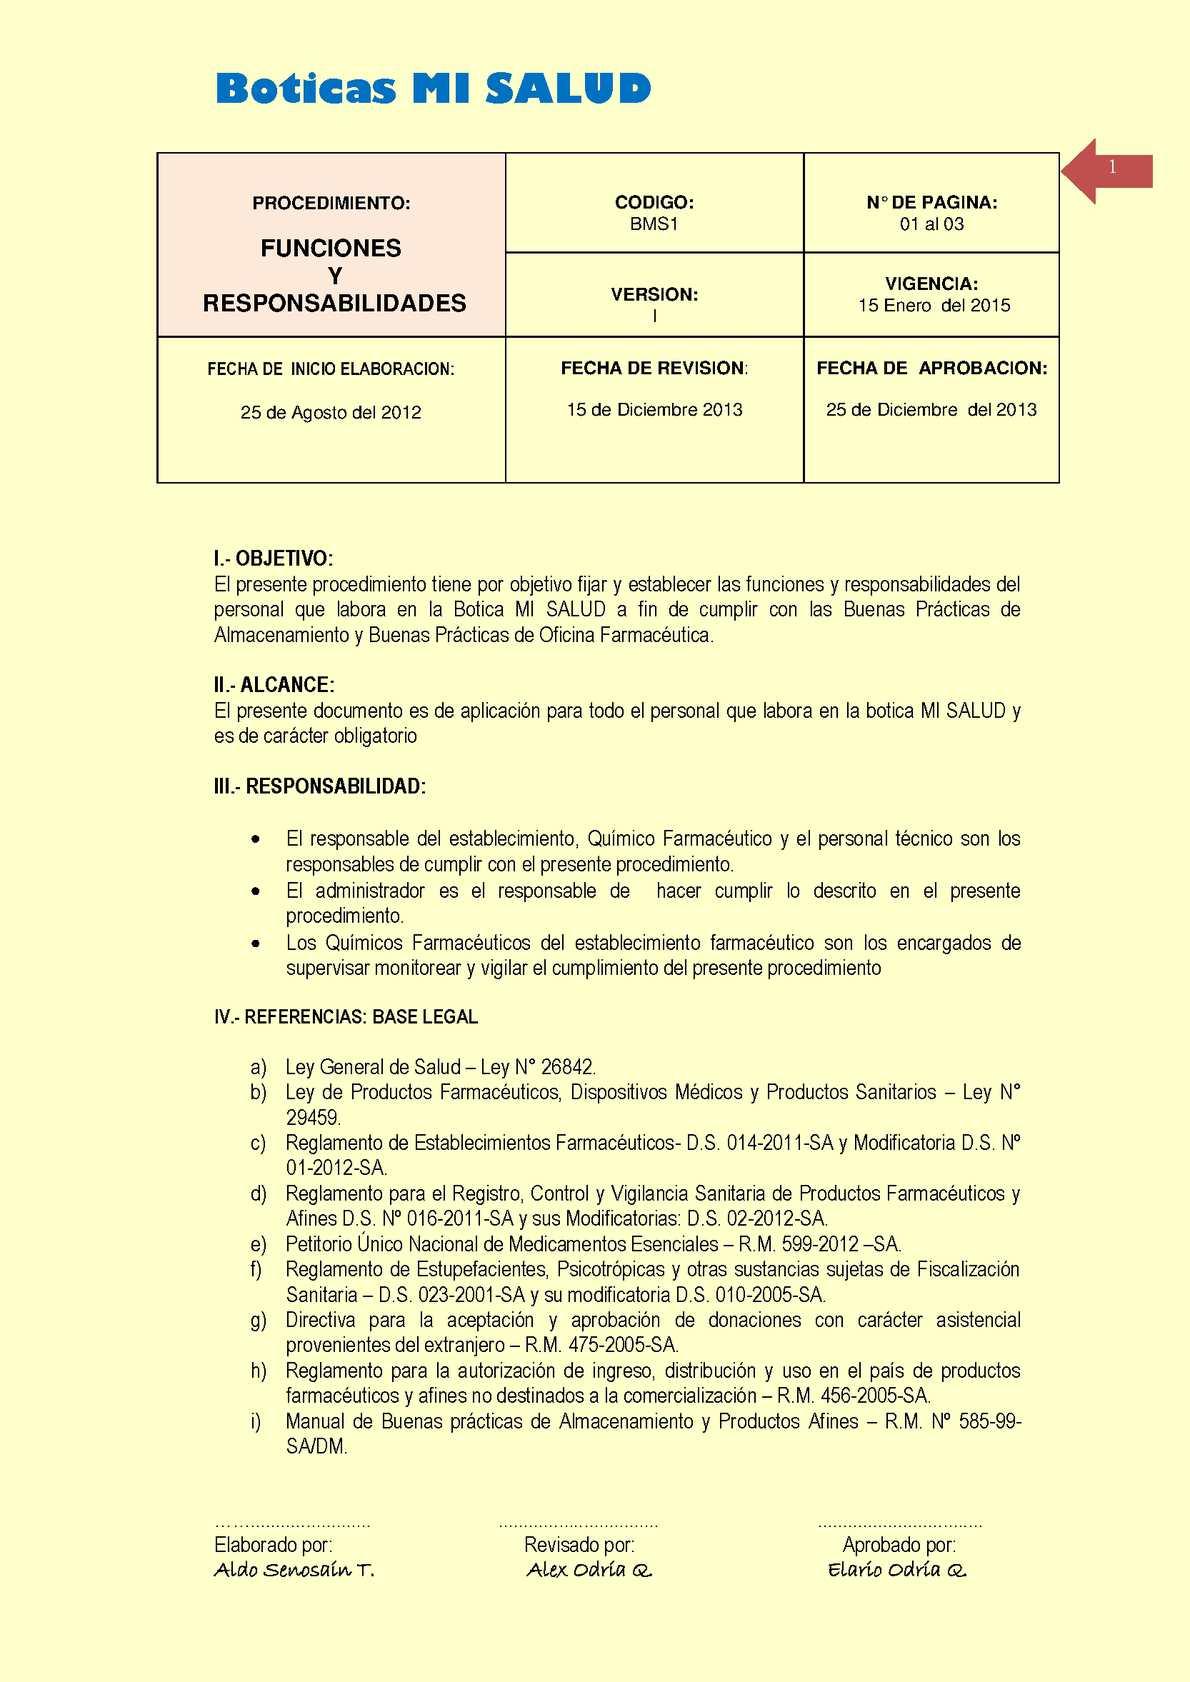 Calaméo - Modelo de formato POEs Farmacias - DENNIS SENOSAIN TIMANA